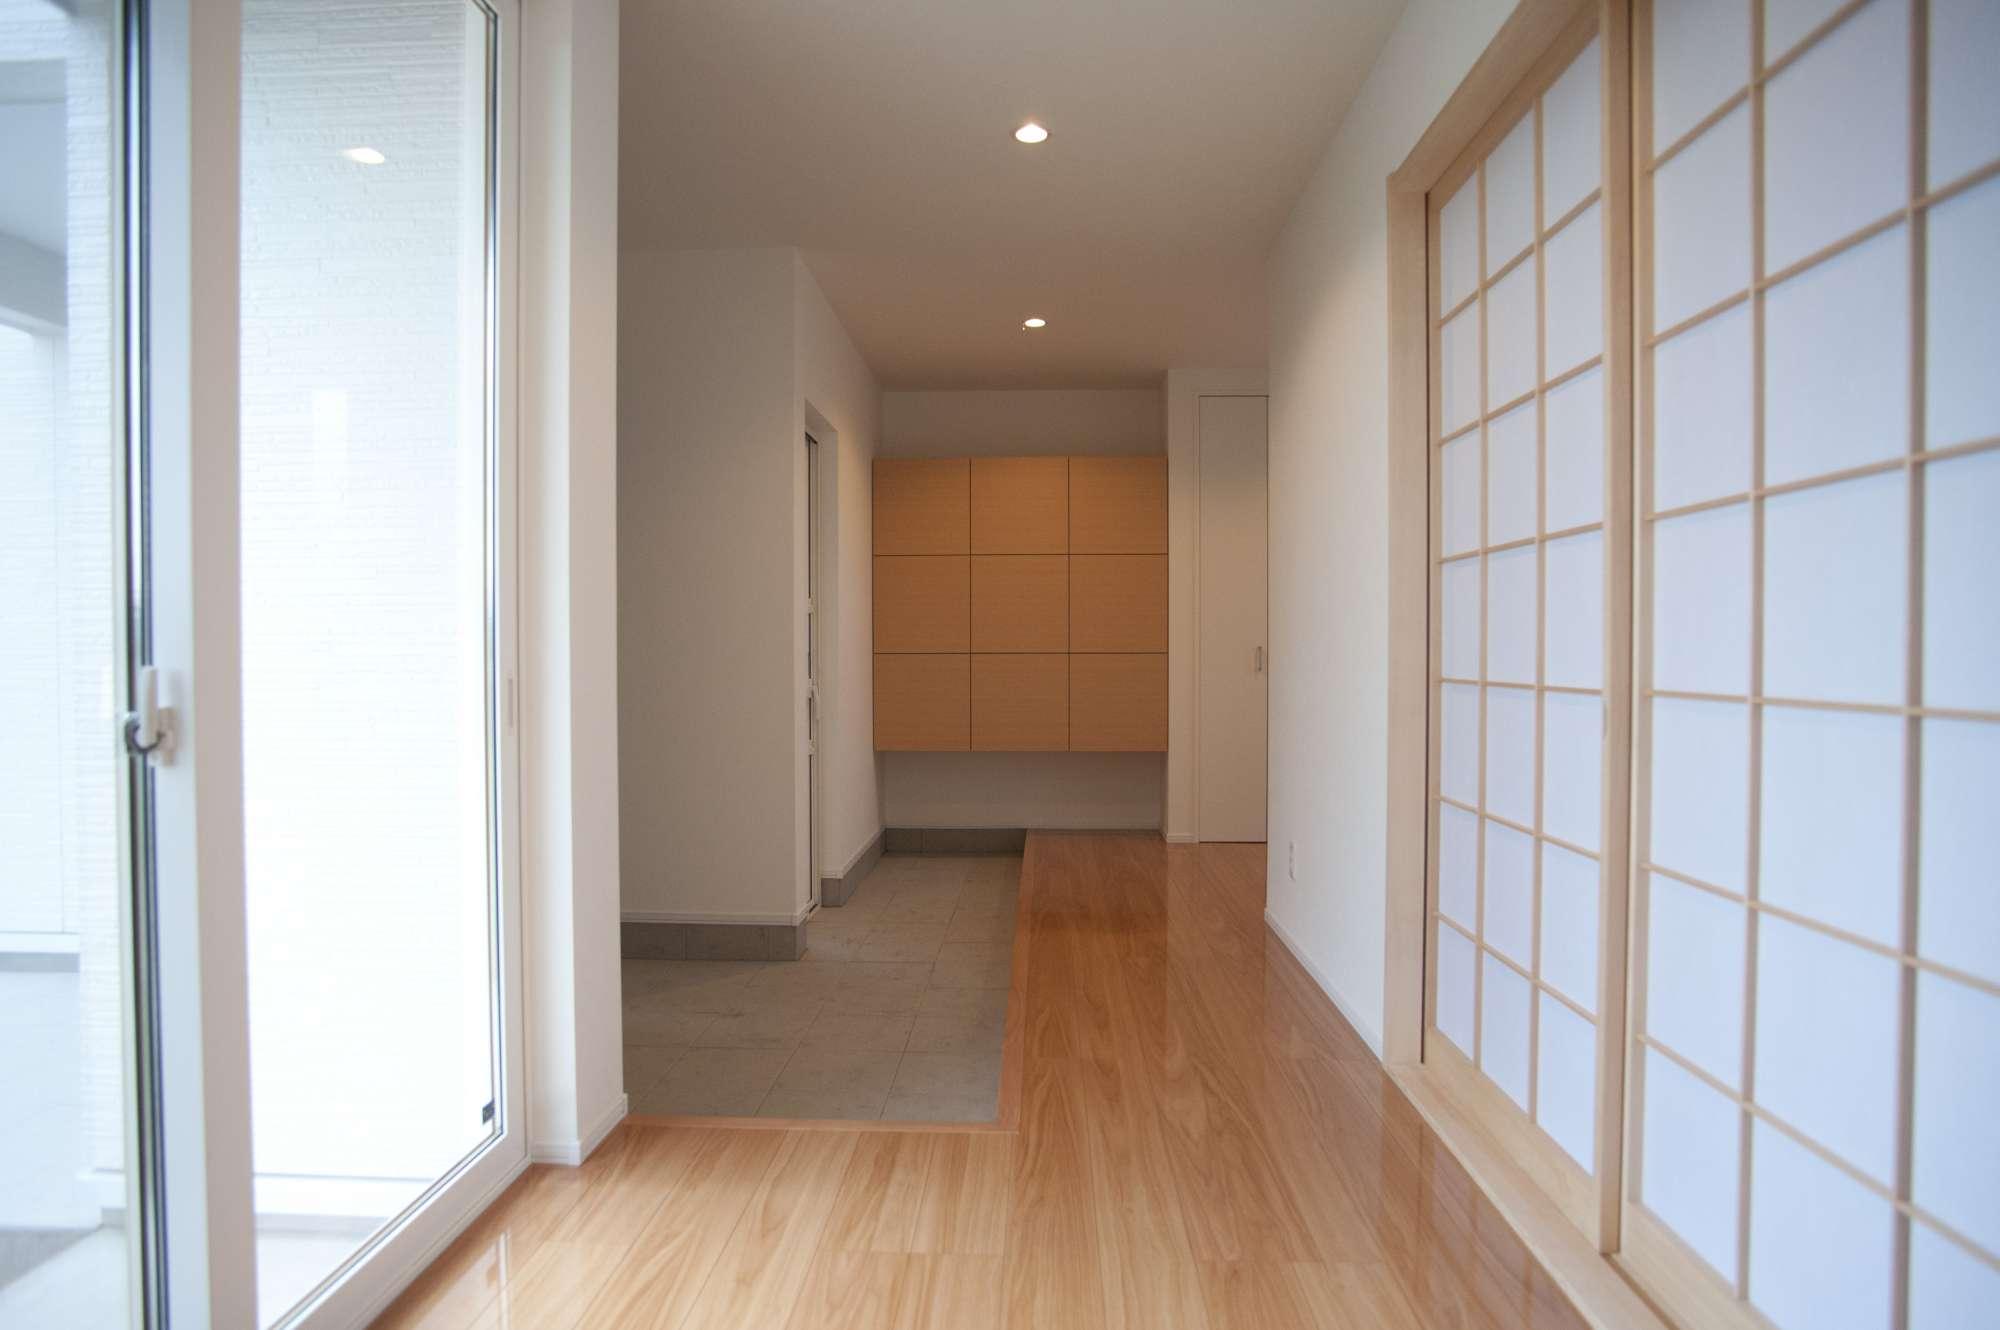 二世帯住宅で、1階フロアは親世帯が暮らす帯住宅 -  -  -